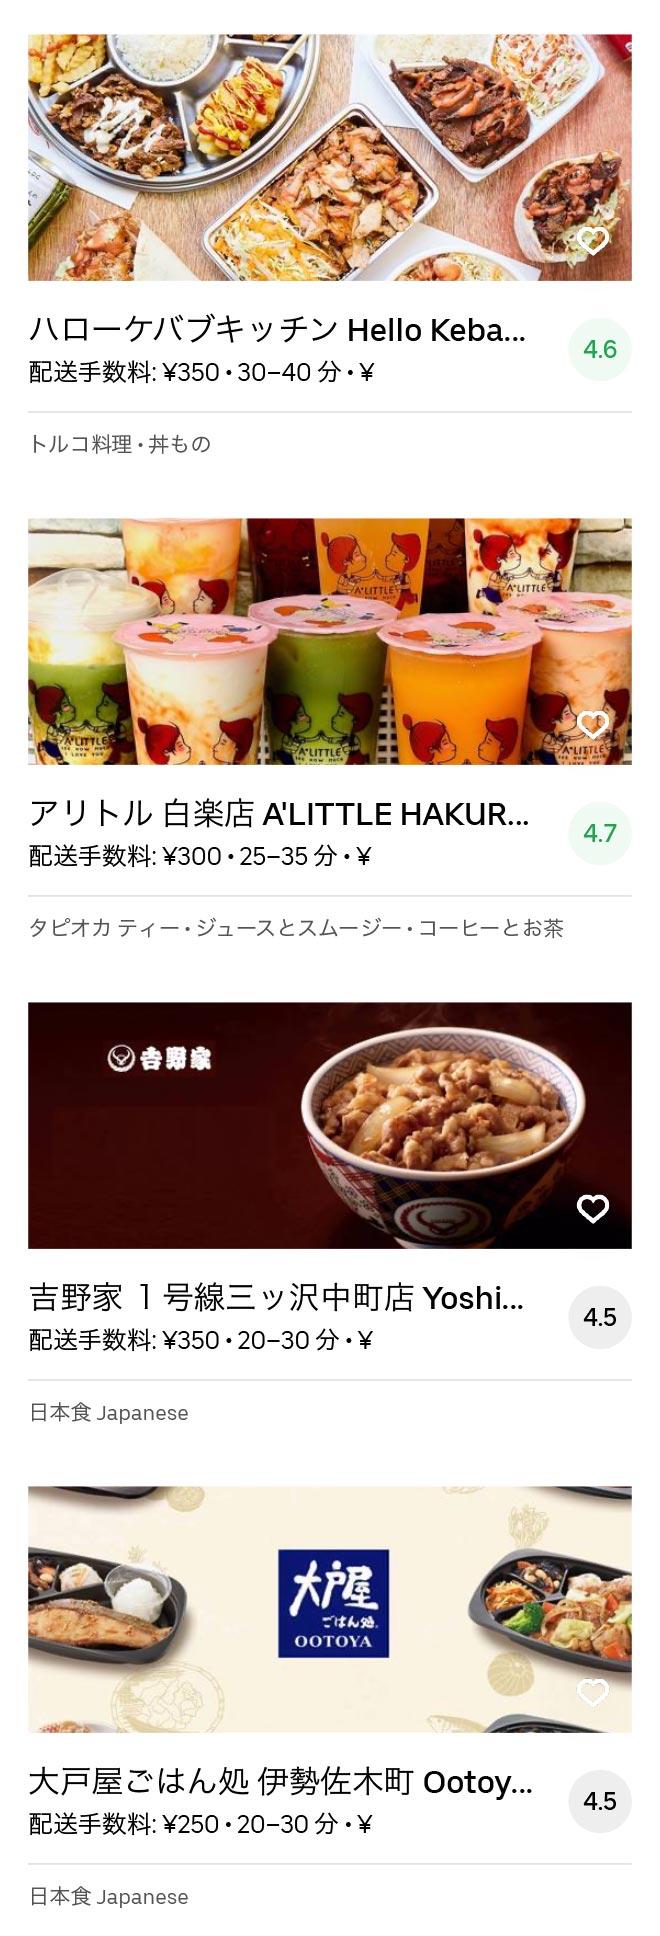 Yokohama takashima menu 2004 07